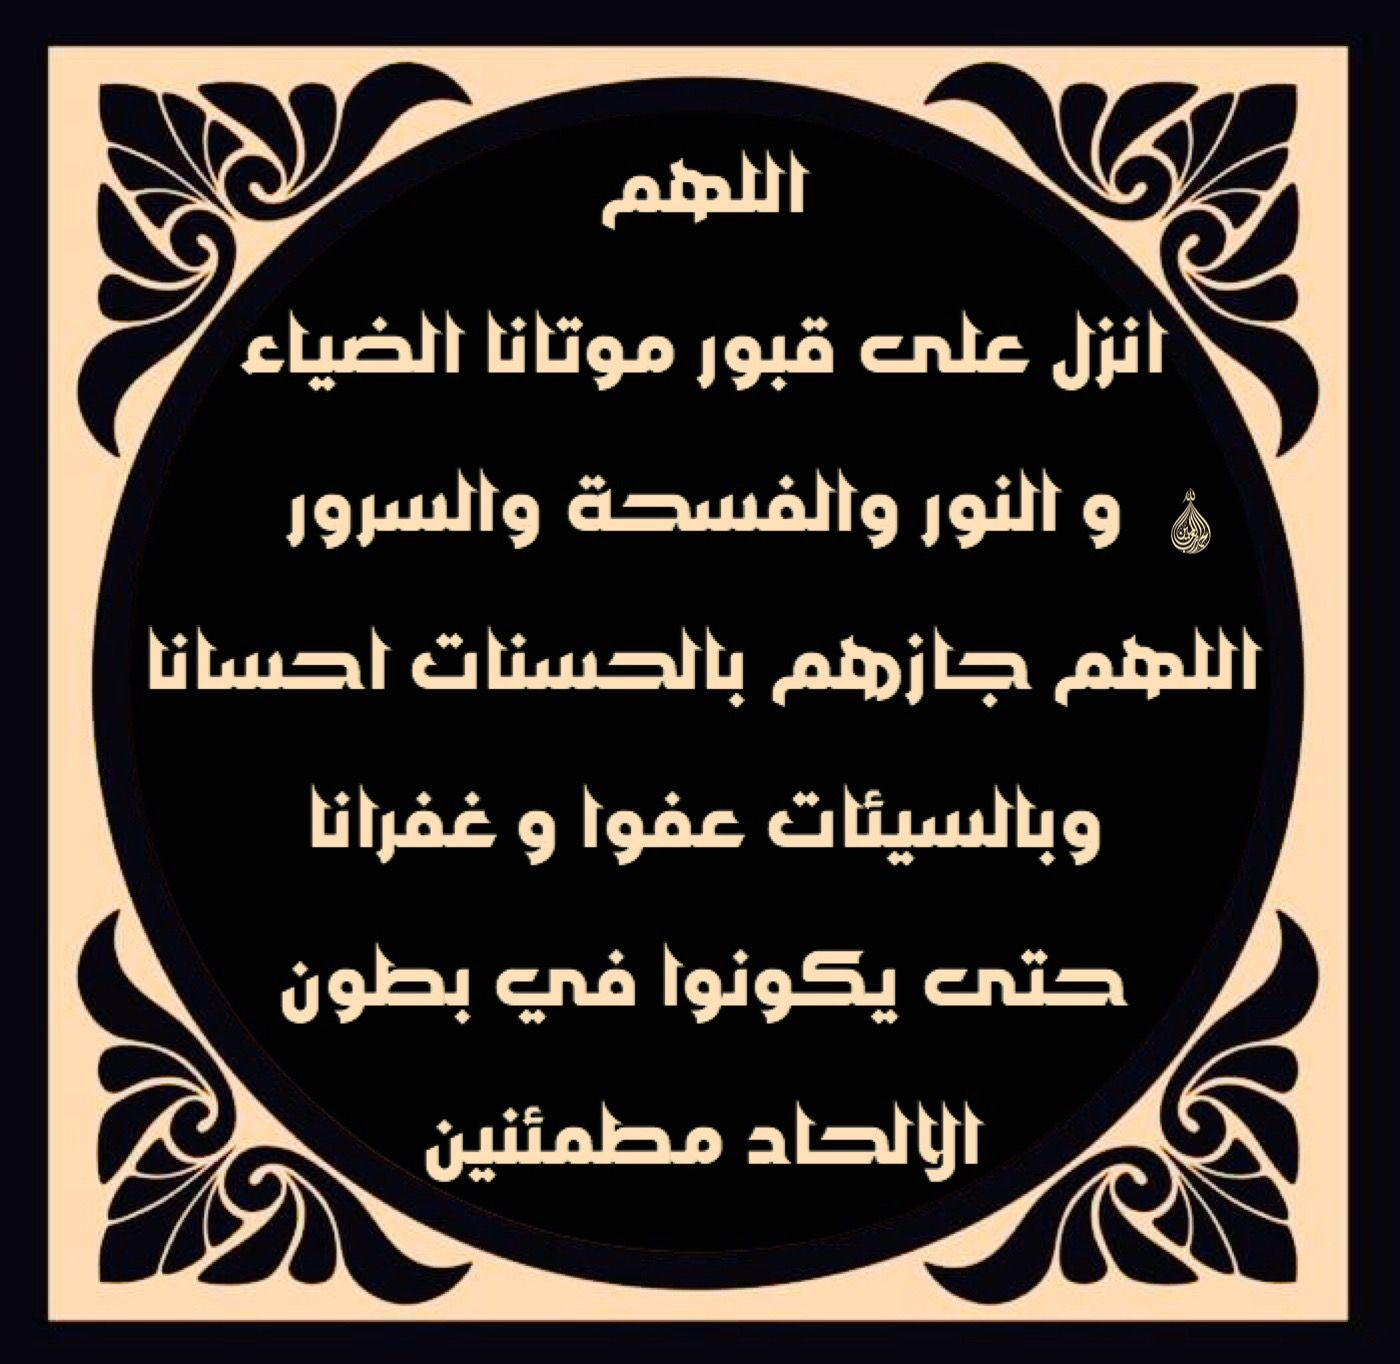 صور دعاء للميت أدعية لموتانا وموتى المسلمين Lettering English Letter Arabic Calligraphy